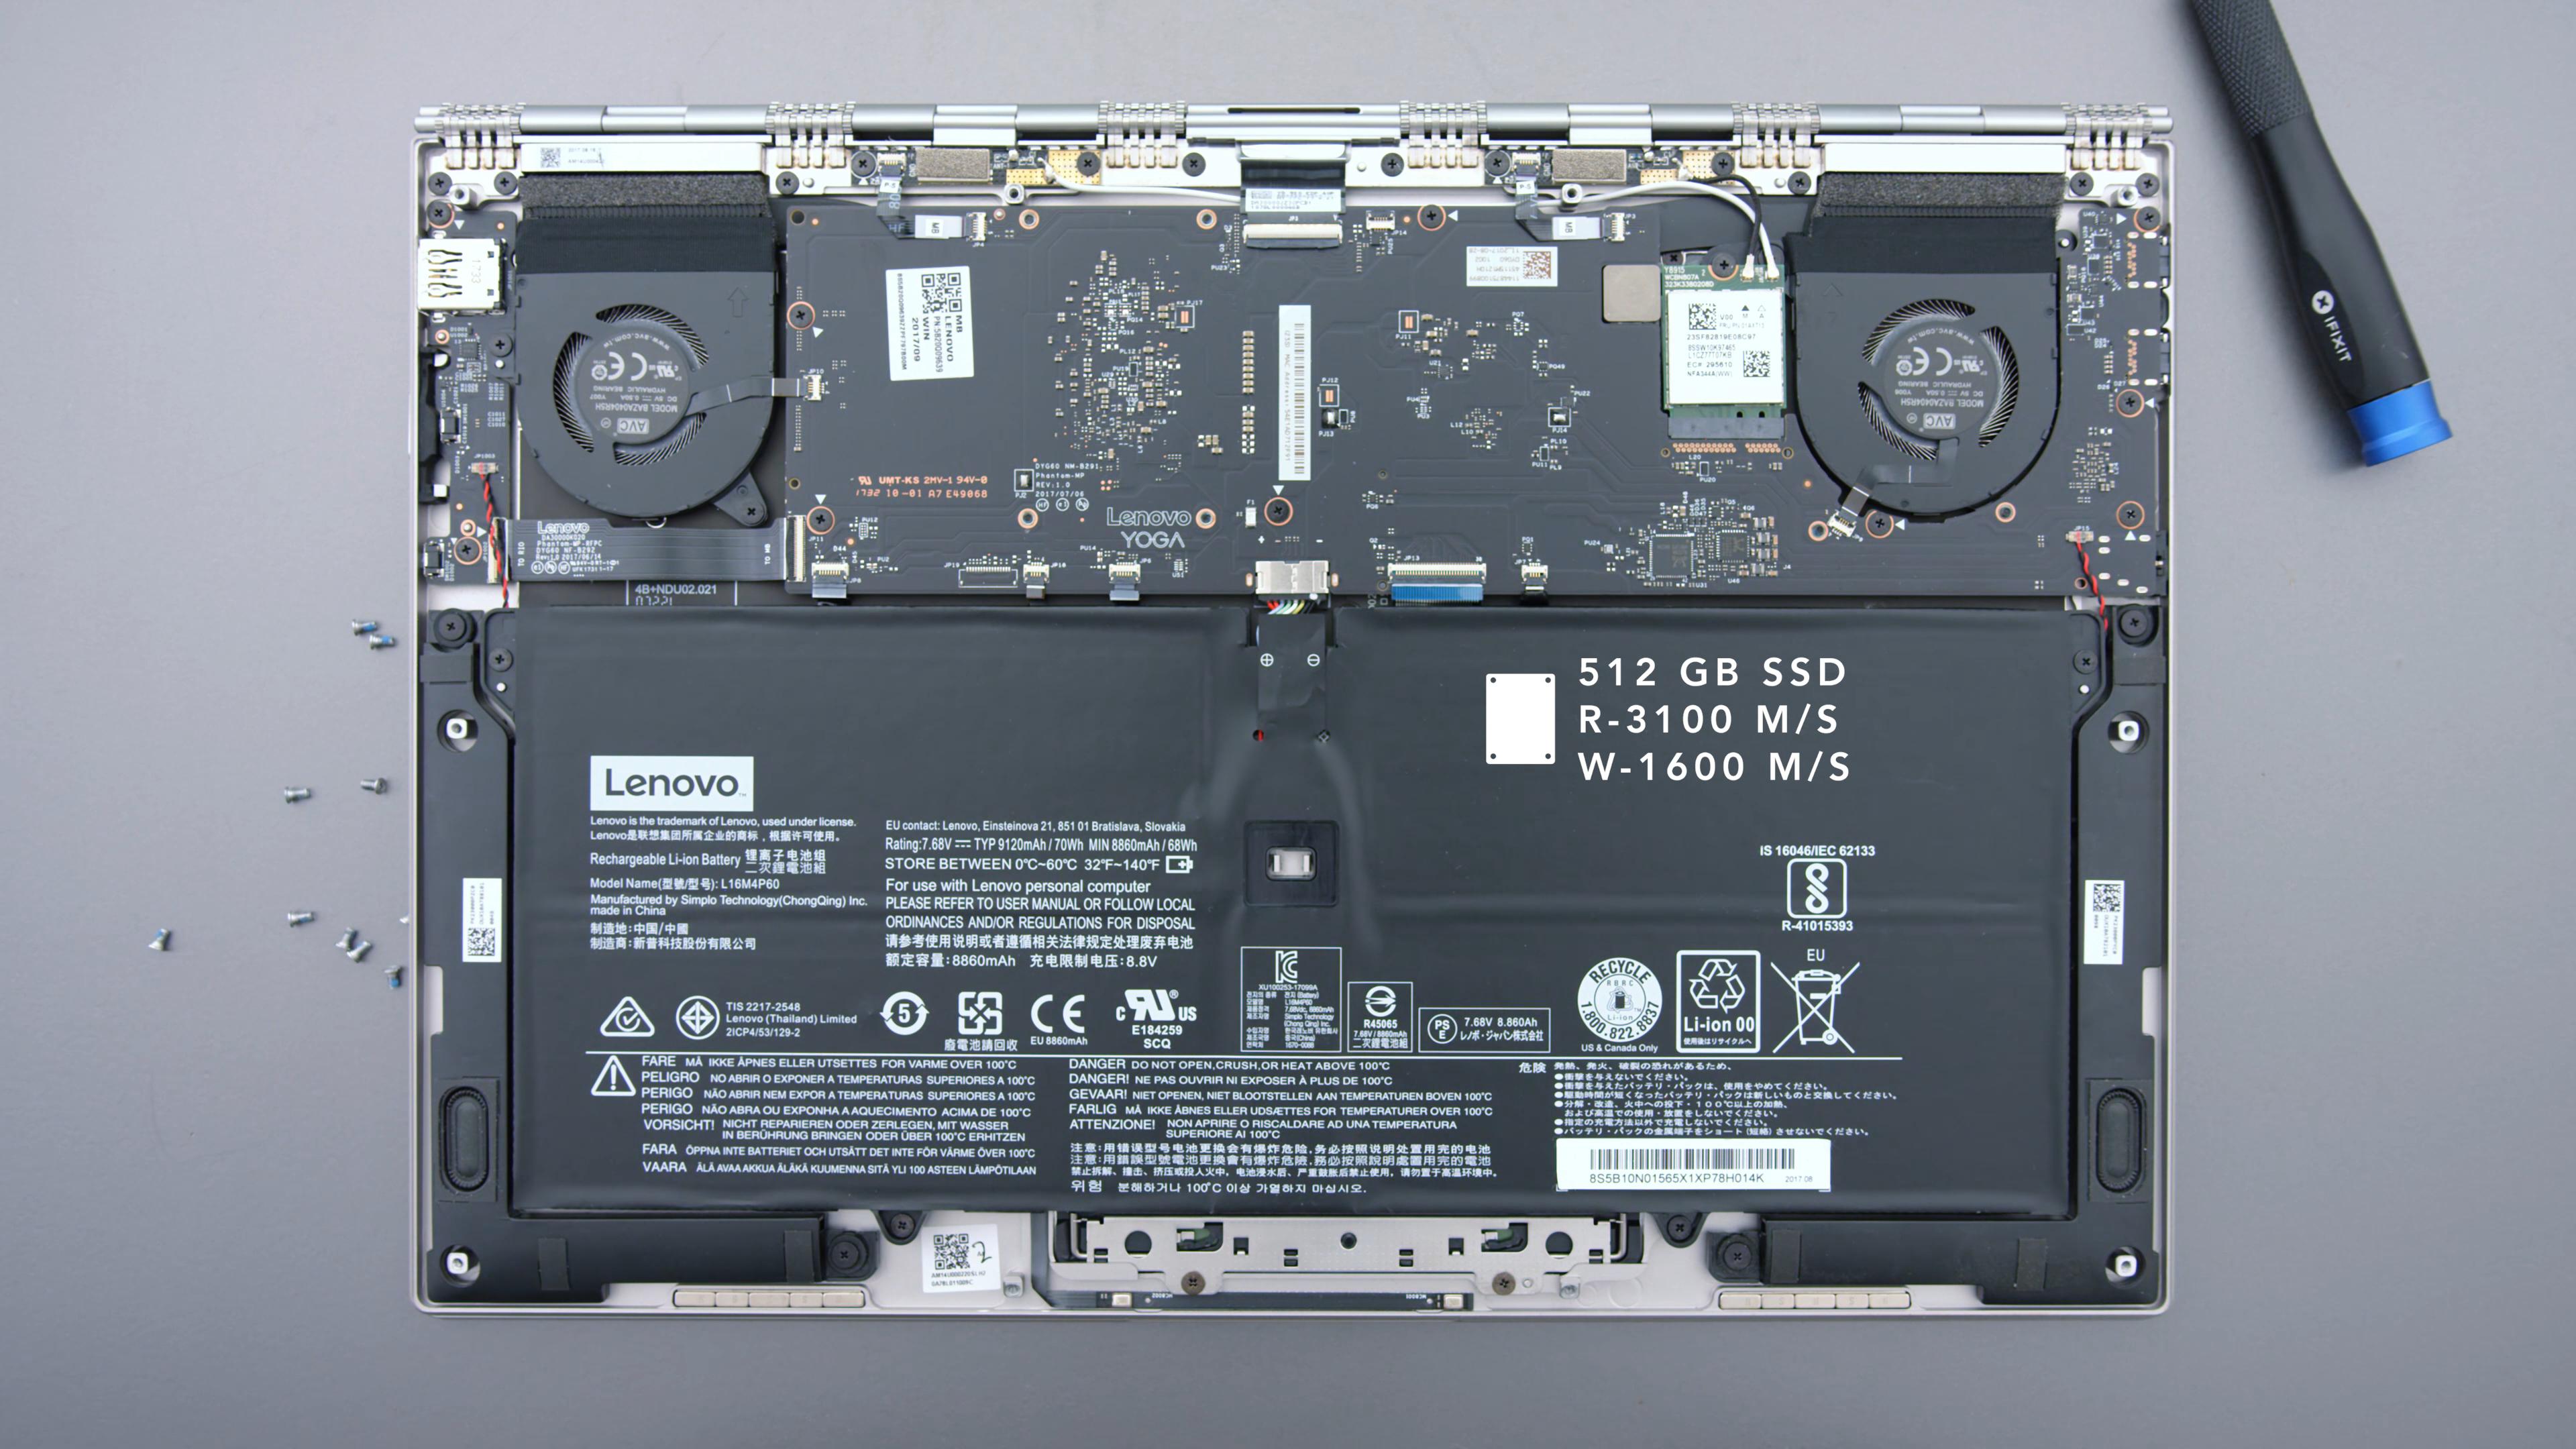 Вид на Lenovo Yoga 920 со снятой задней крышкой